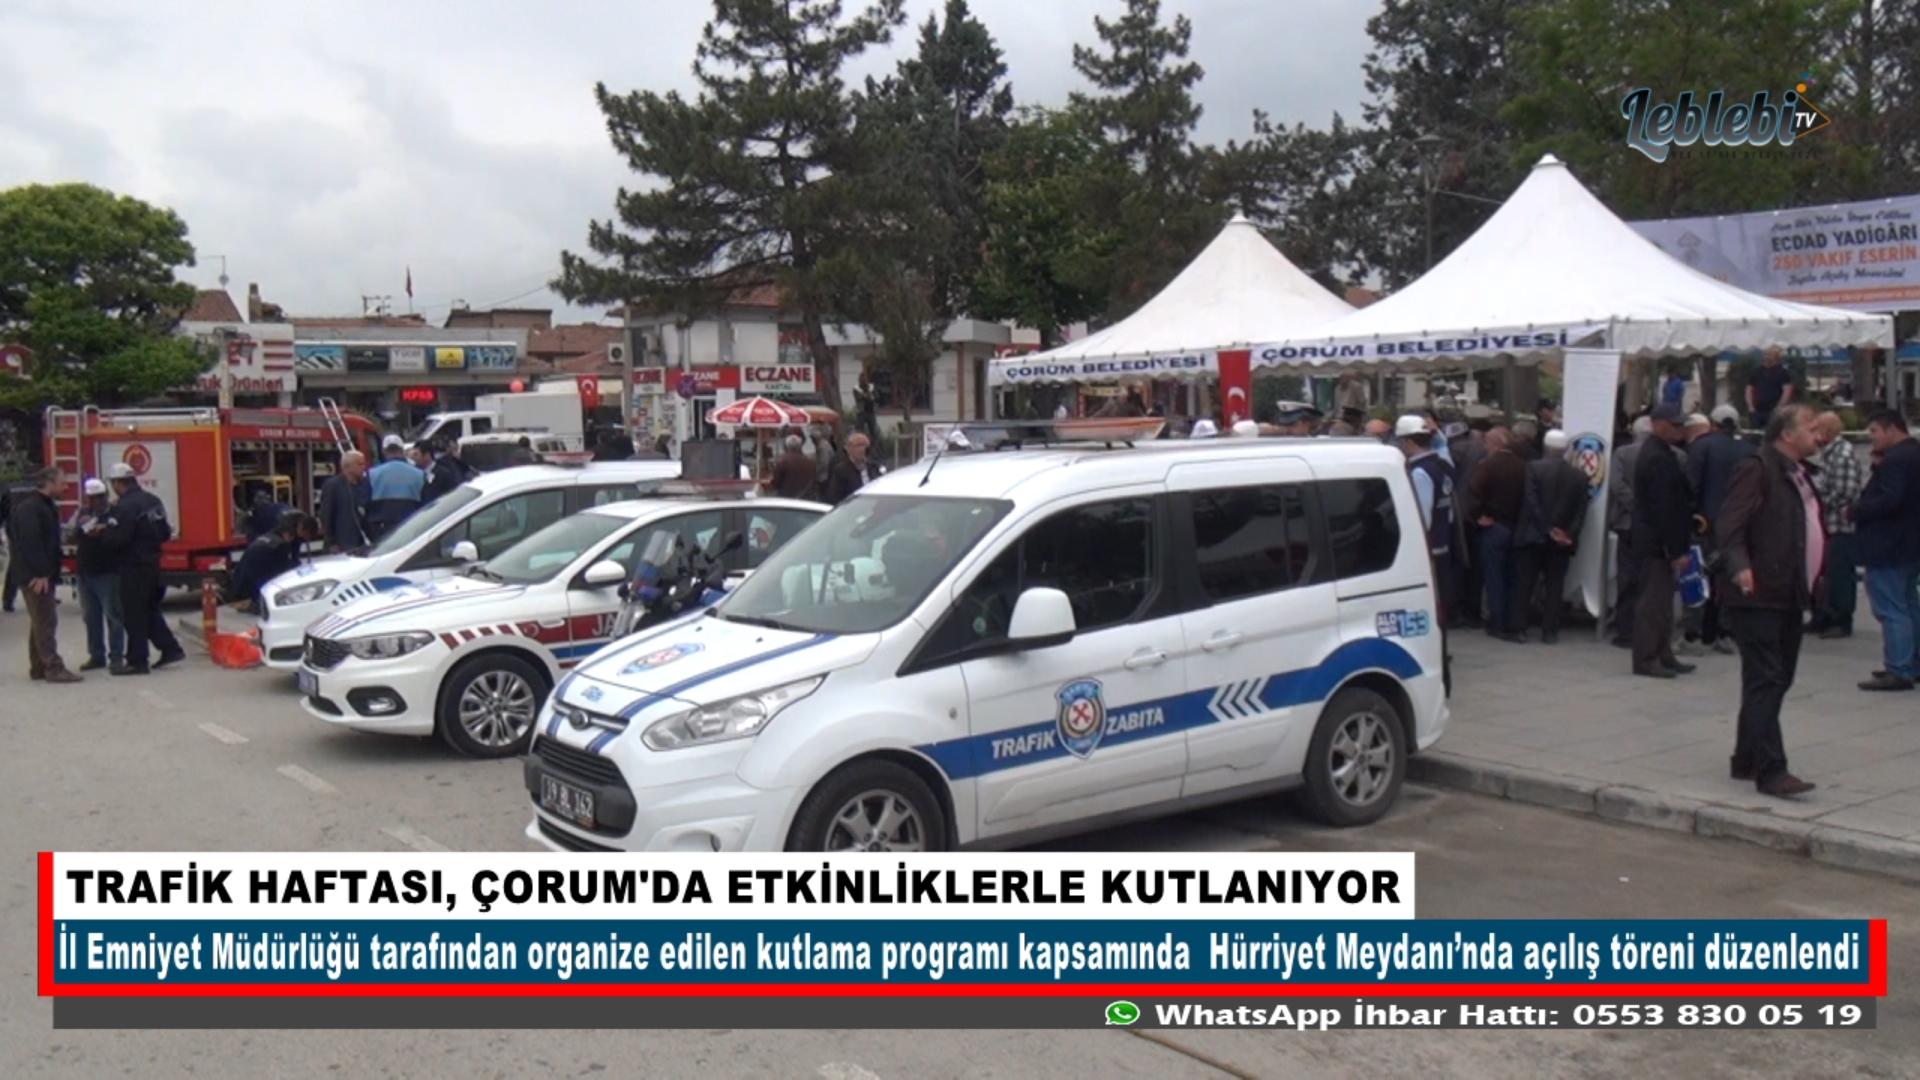 TRAFİK HAFTASI, ÇORUM'DA ETKİNLİKLERLE KUTLANIYOR